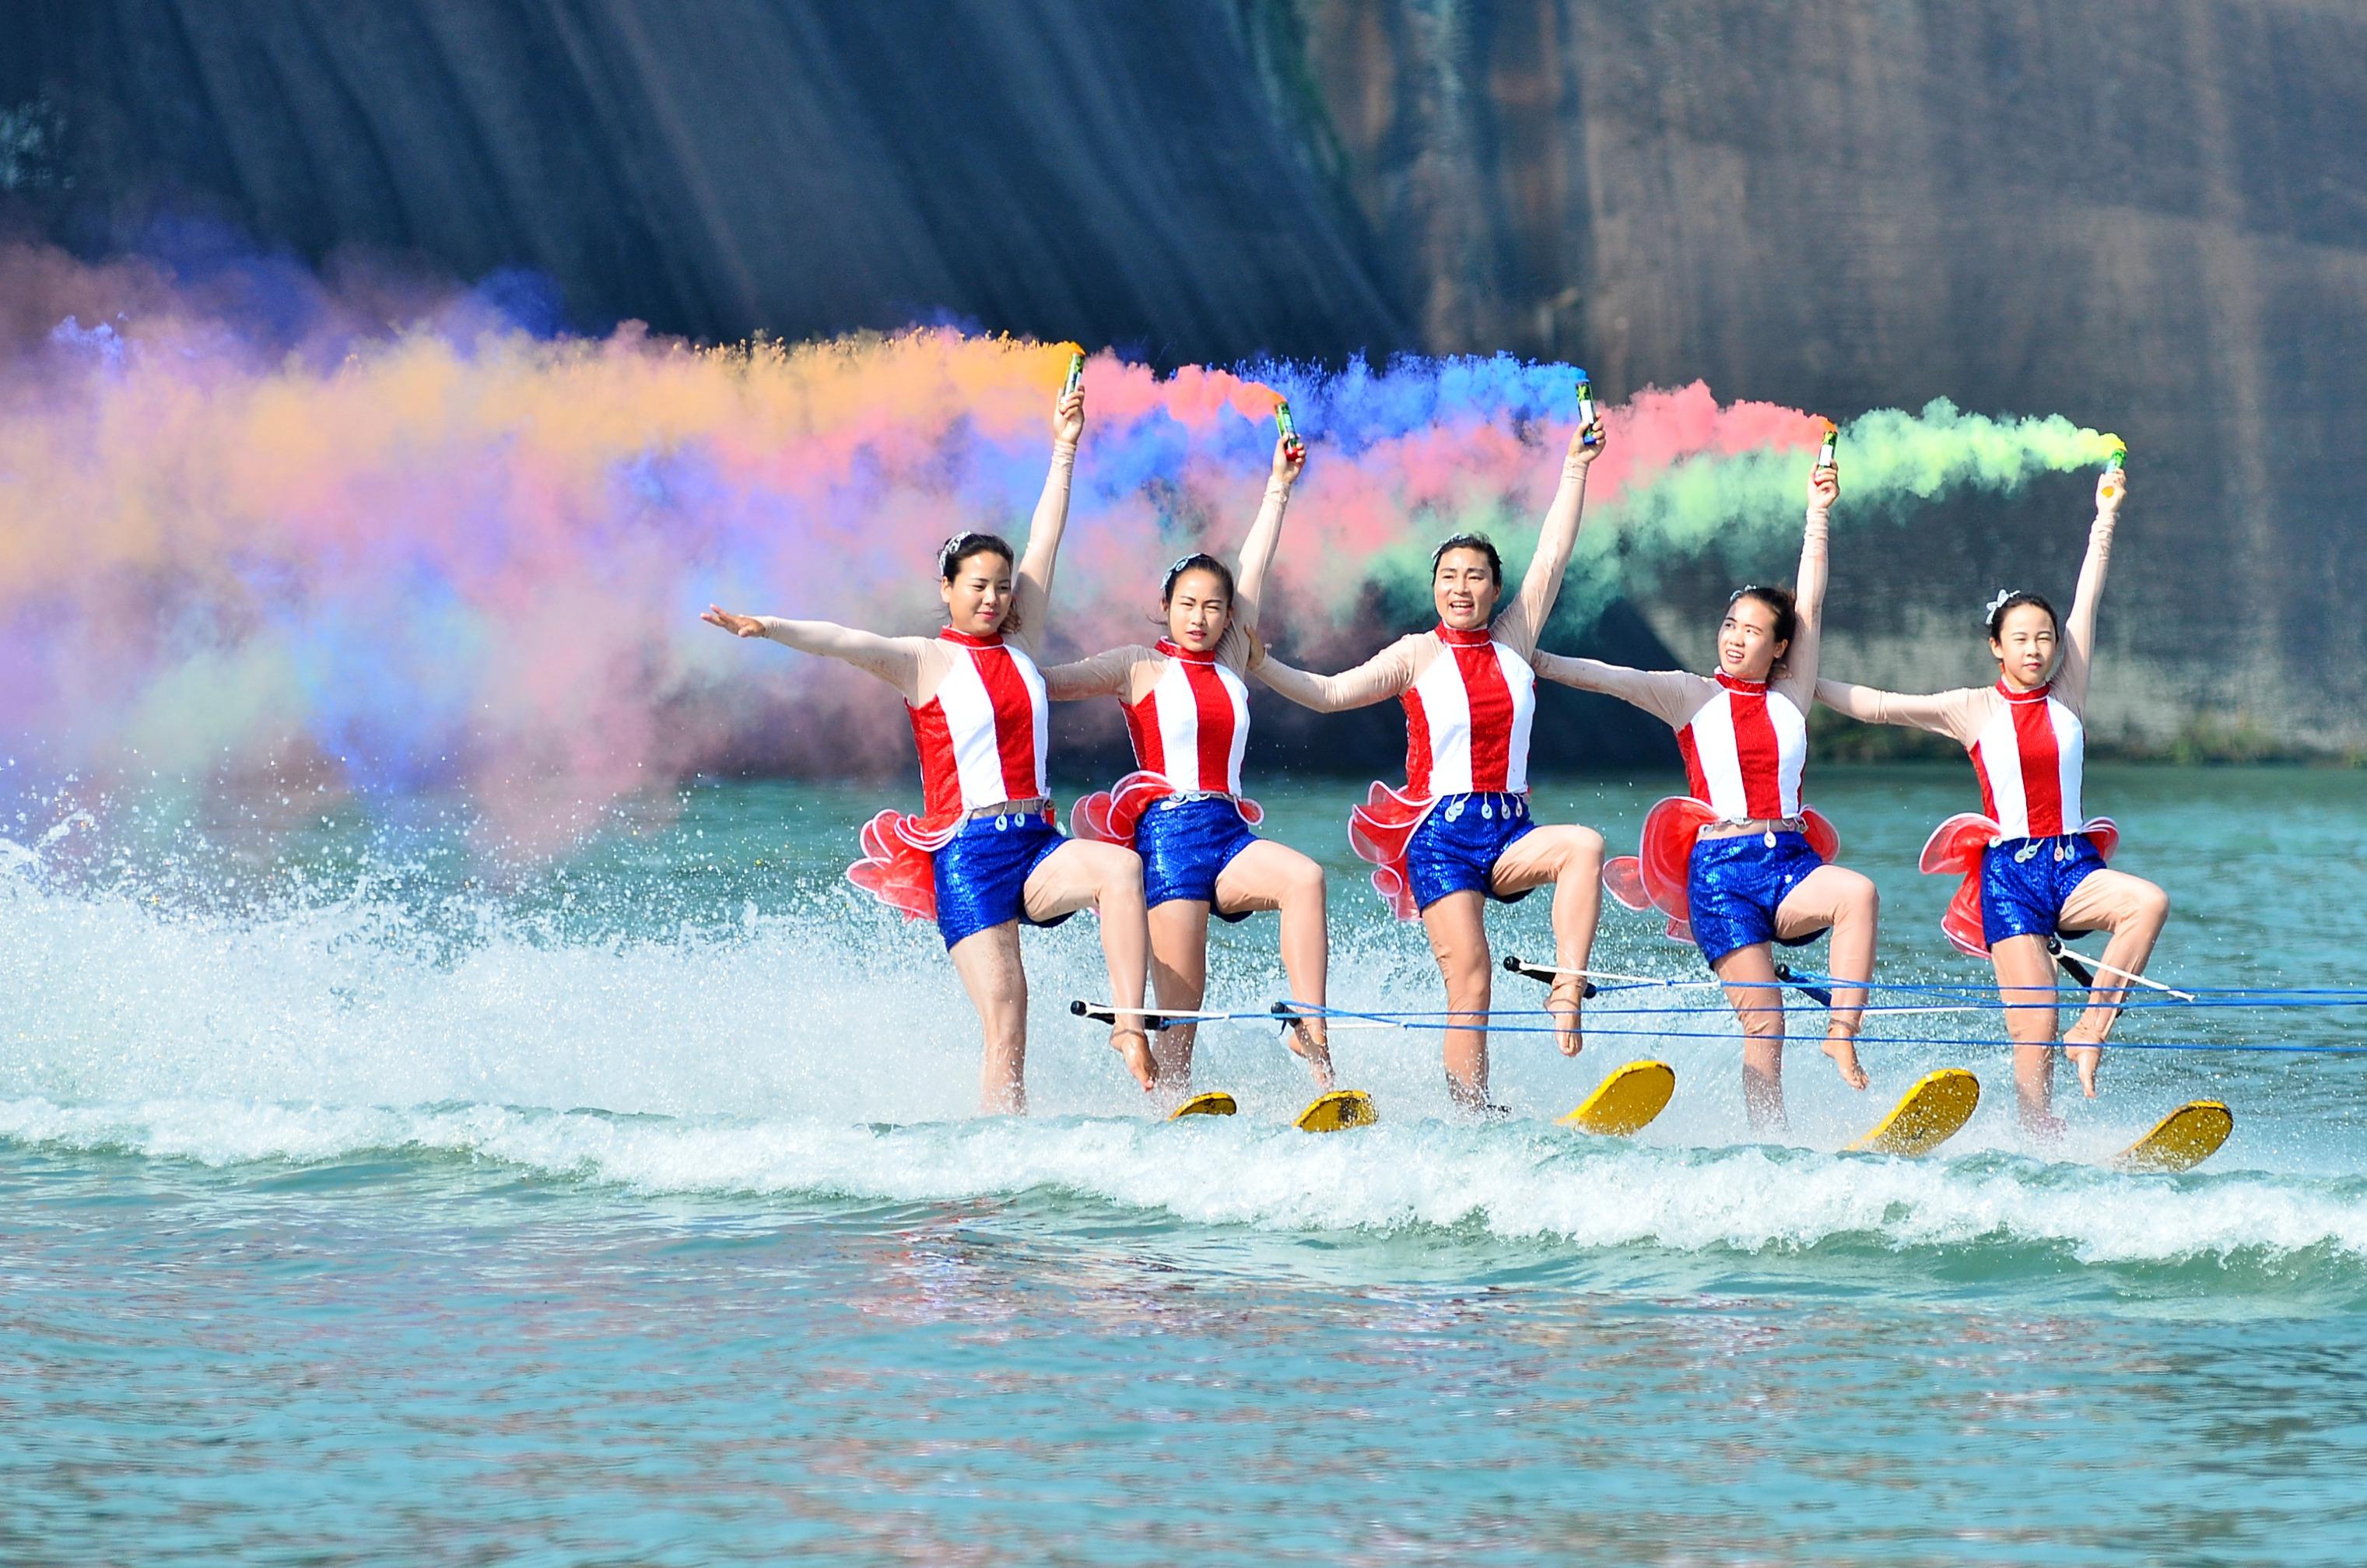 ↑特技演员在湖南省郴州市飞天山景区的水面上表演水上特技(11月6日摄)。CICPHOTO/贺茂峰 摄